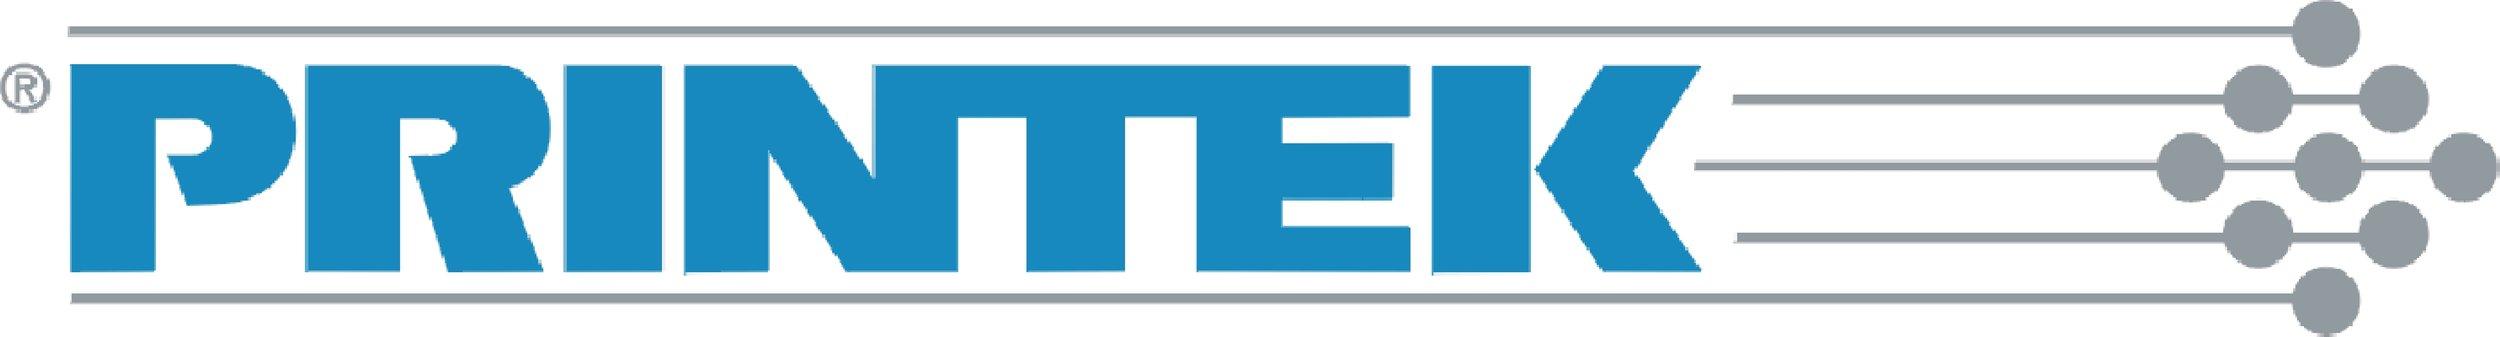 Printek Logo .jpg